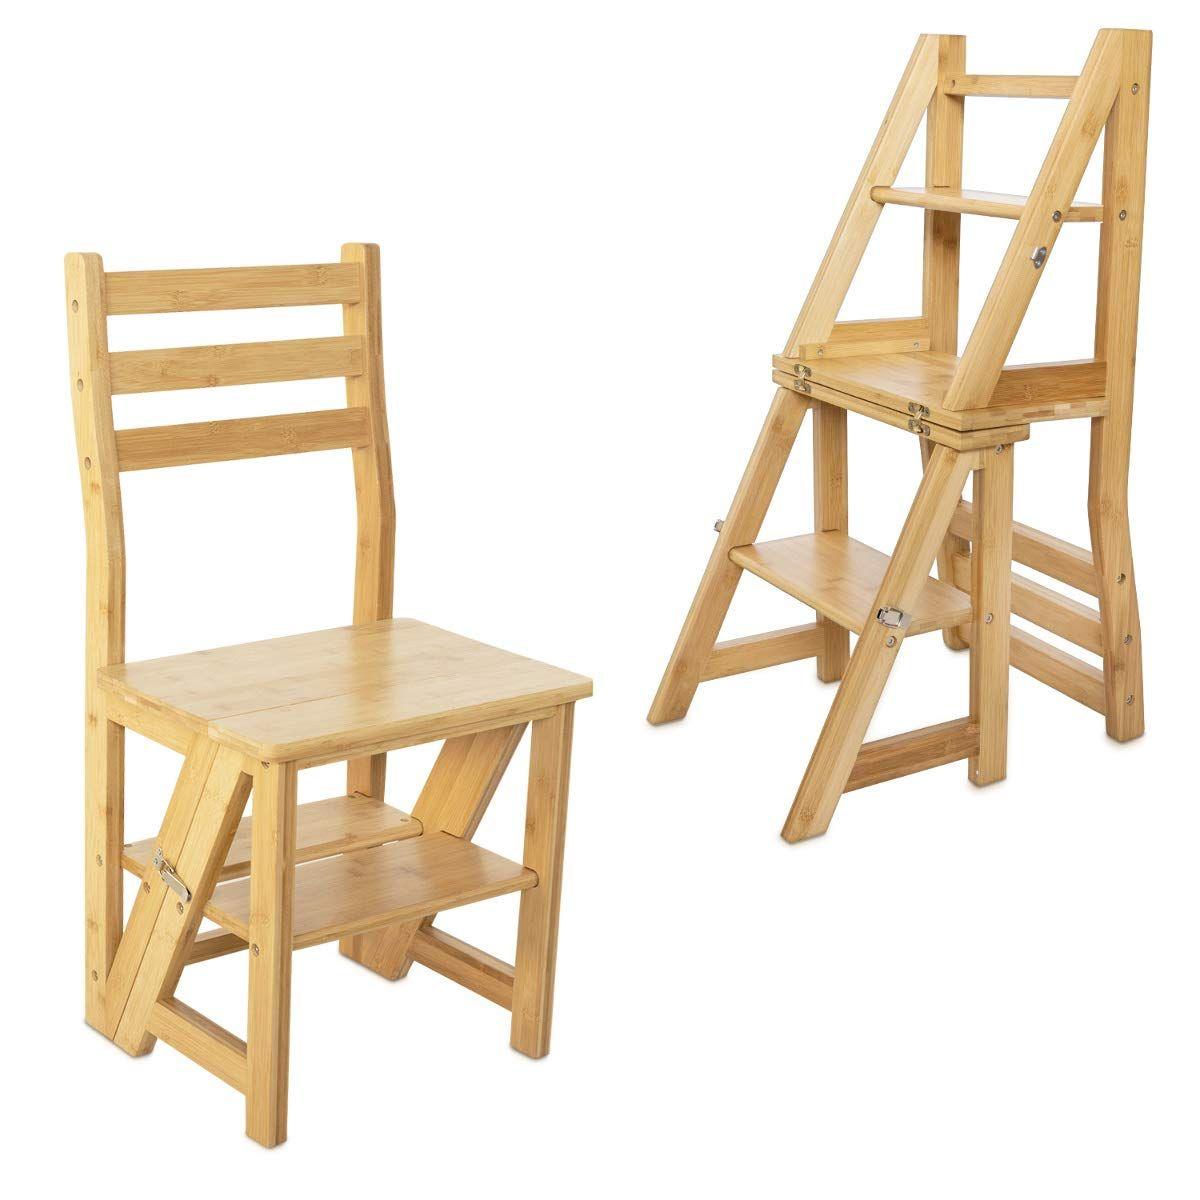 Navaris Faltstuhl Mit Leiter Funktion Stuhl 3 Stufen Trittleiter Und Blumenleiter In Einem Bambus Klappstuhl Klapptritt In 2020 Faltstuhl Blumenleiter Trittleiter